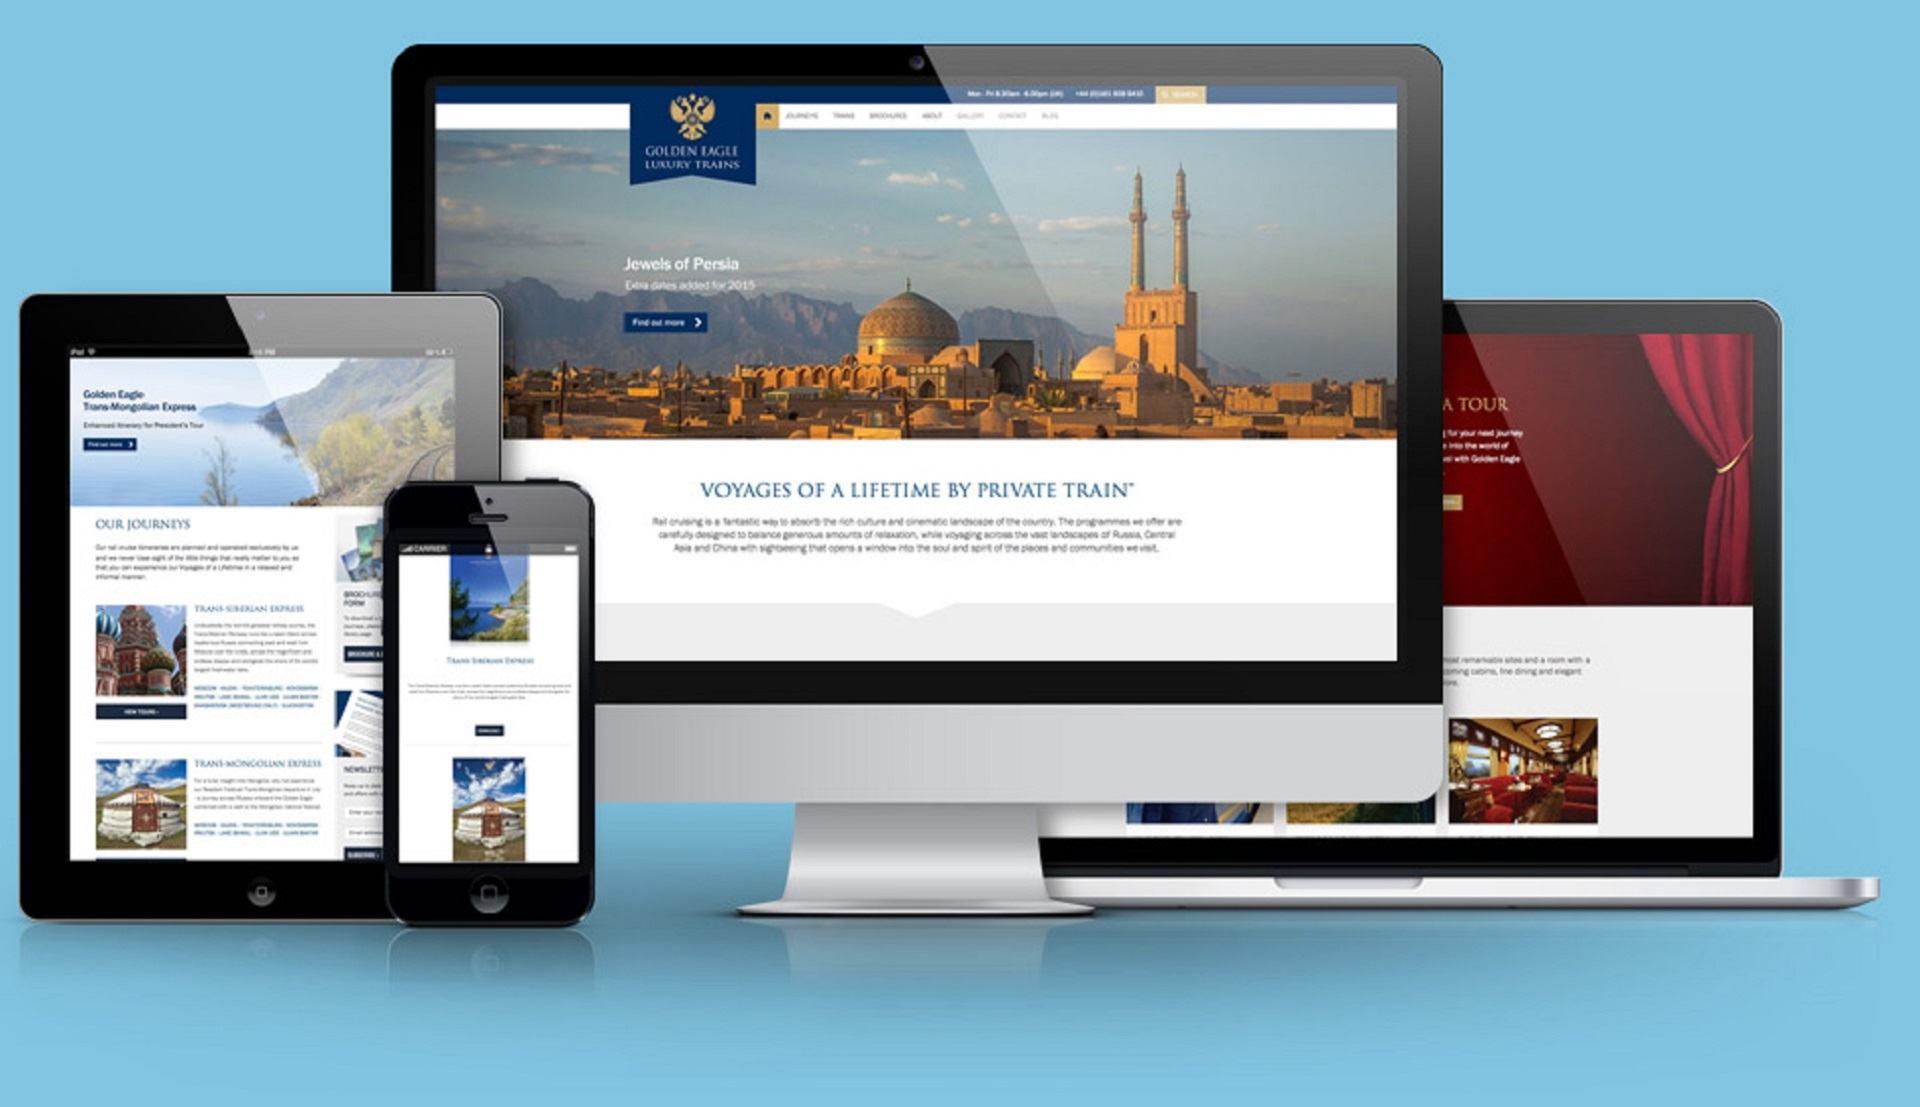 Top 5 công ty thiết kế website chuyên nghiệp, uy tín nhất hiện nay